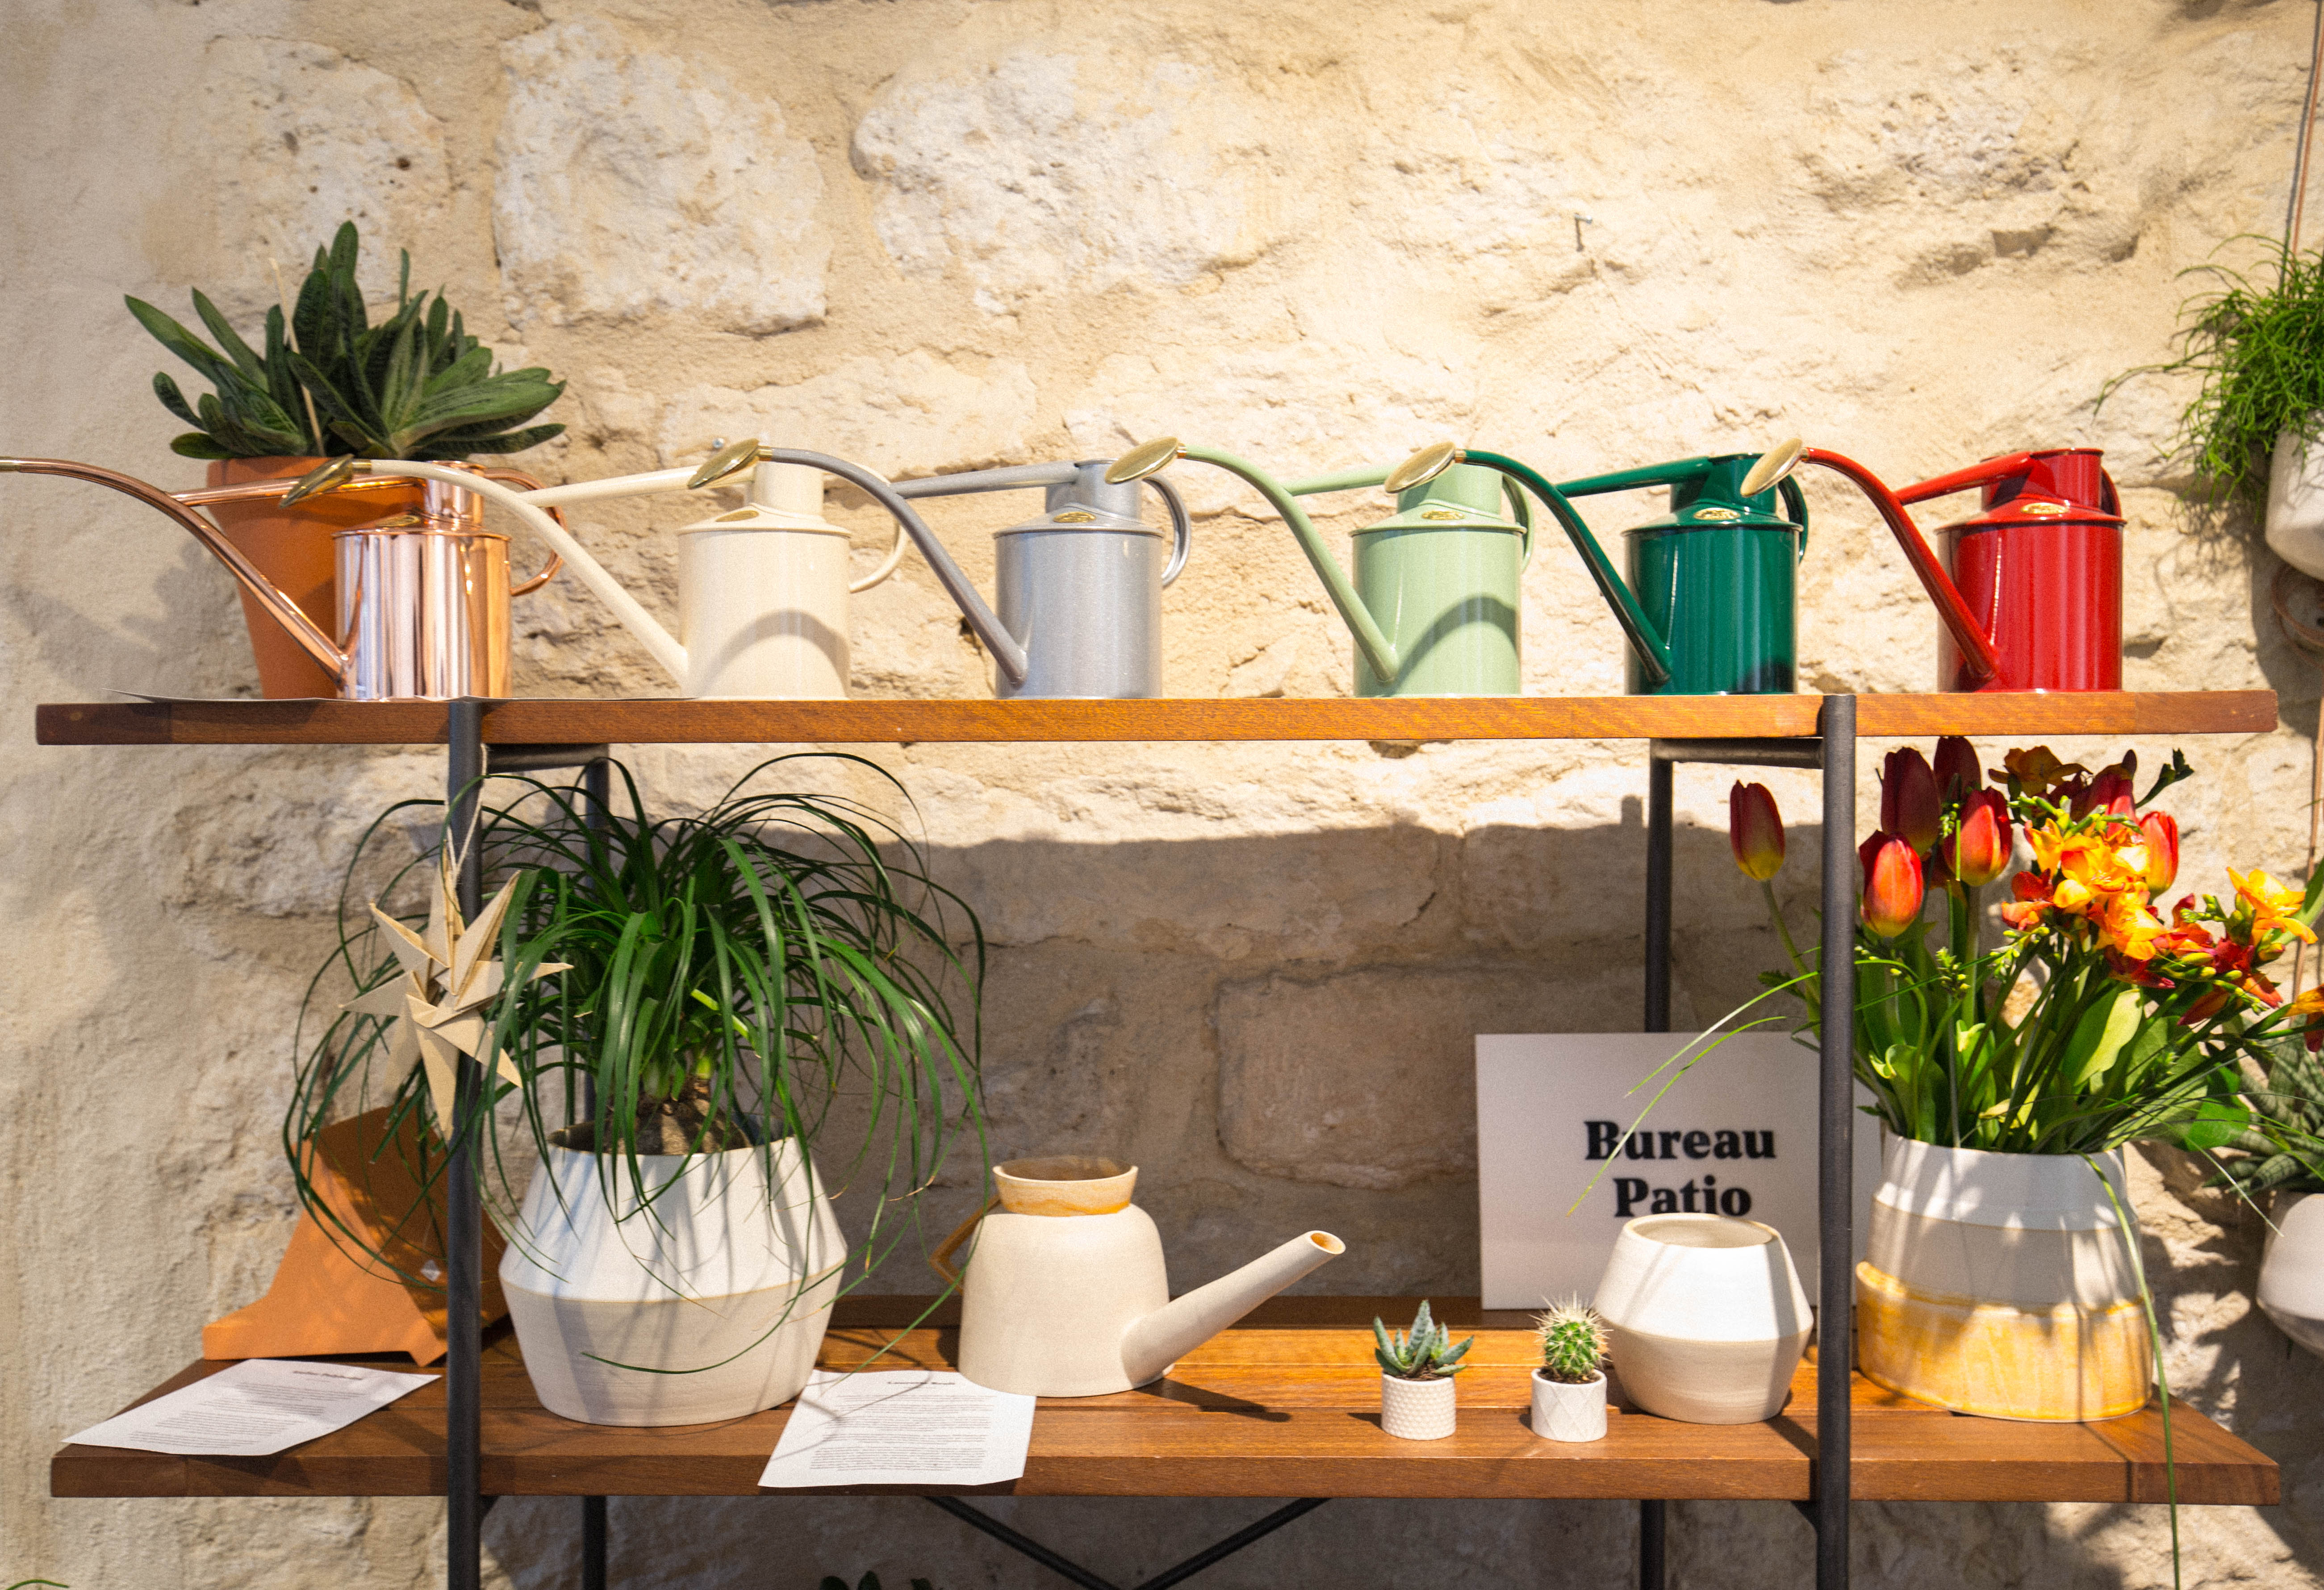 Bureau patio : un pop up store pour aller au delà de loffre en ligne !